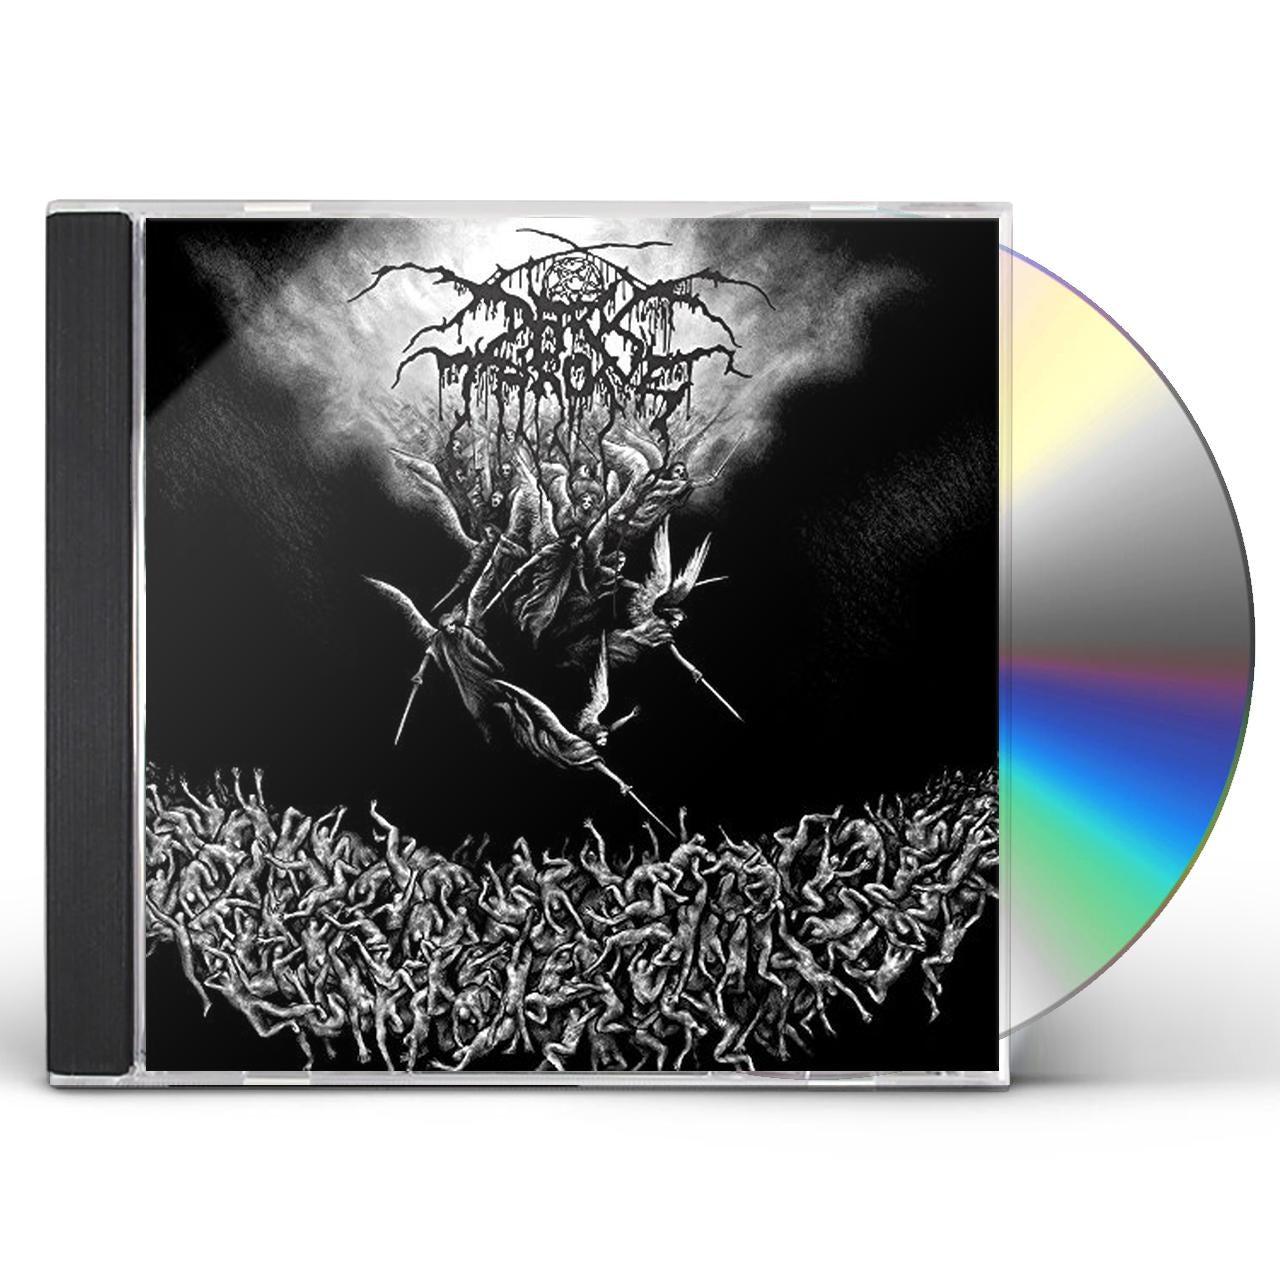 DARKTHRONE - Sardonic Wrath LP - 180g Black Vinyl